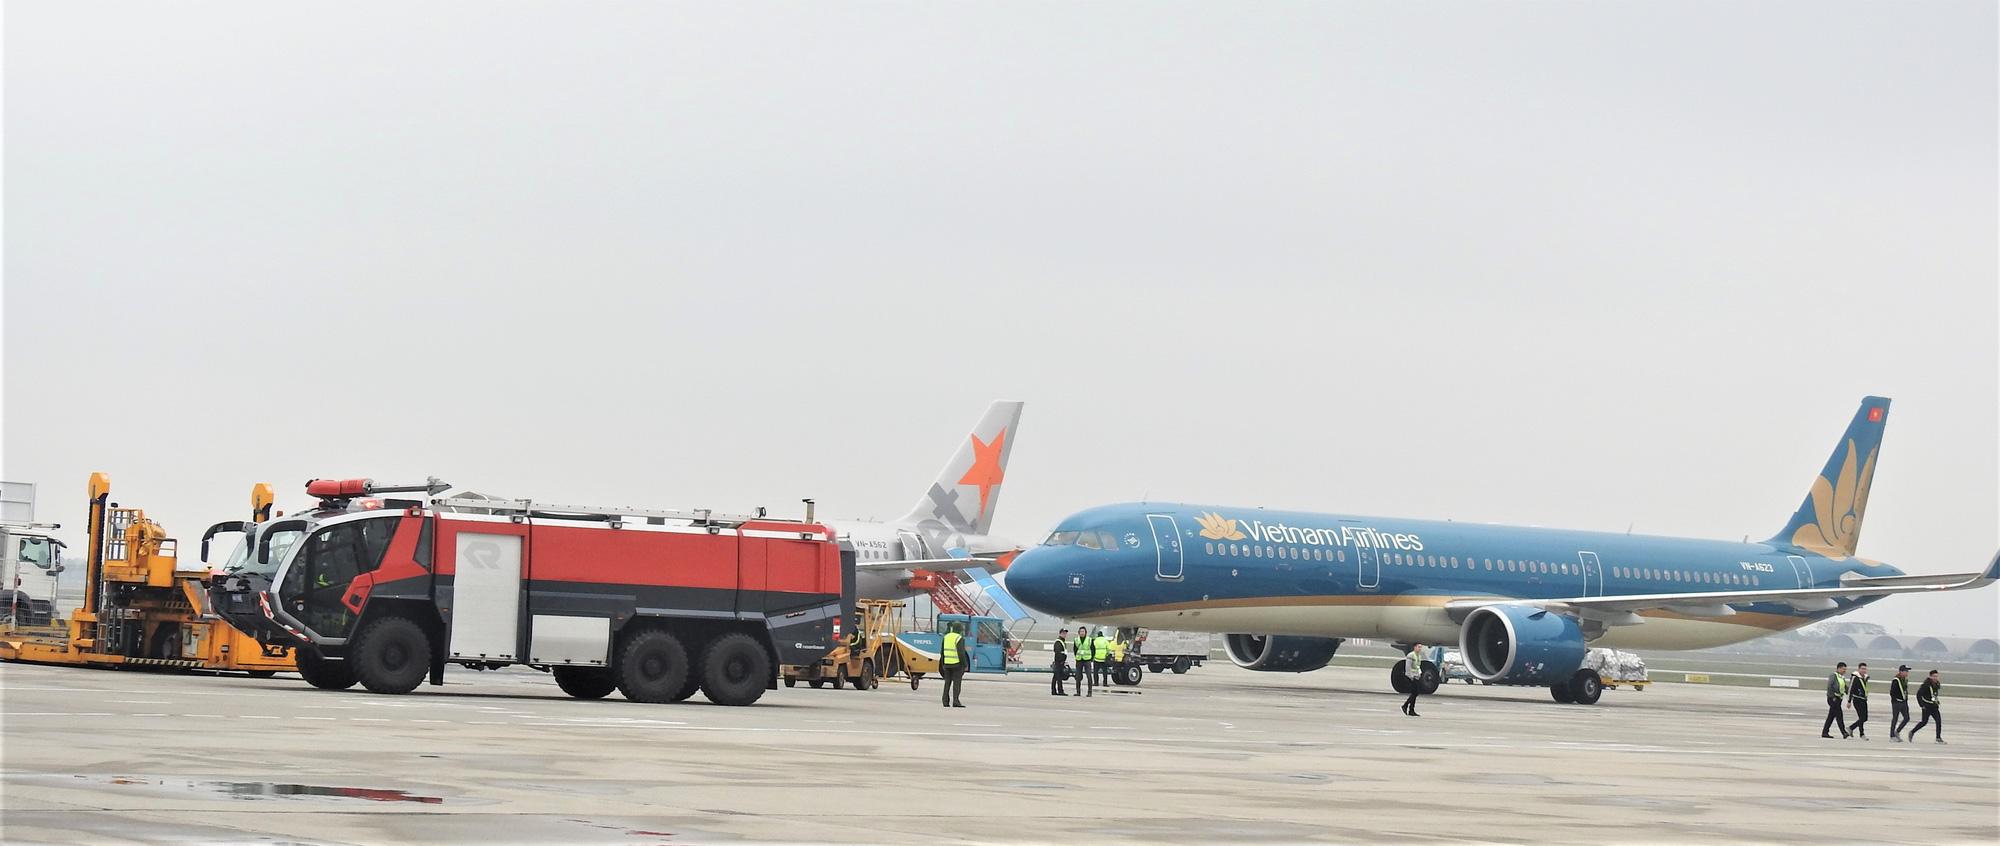 Vietnam Airlines nối lại đường bay đến Đài Loan, Hong Kong, Ma Cao từ ngày 2/2 - Ảnh 1.